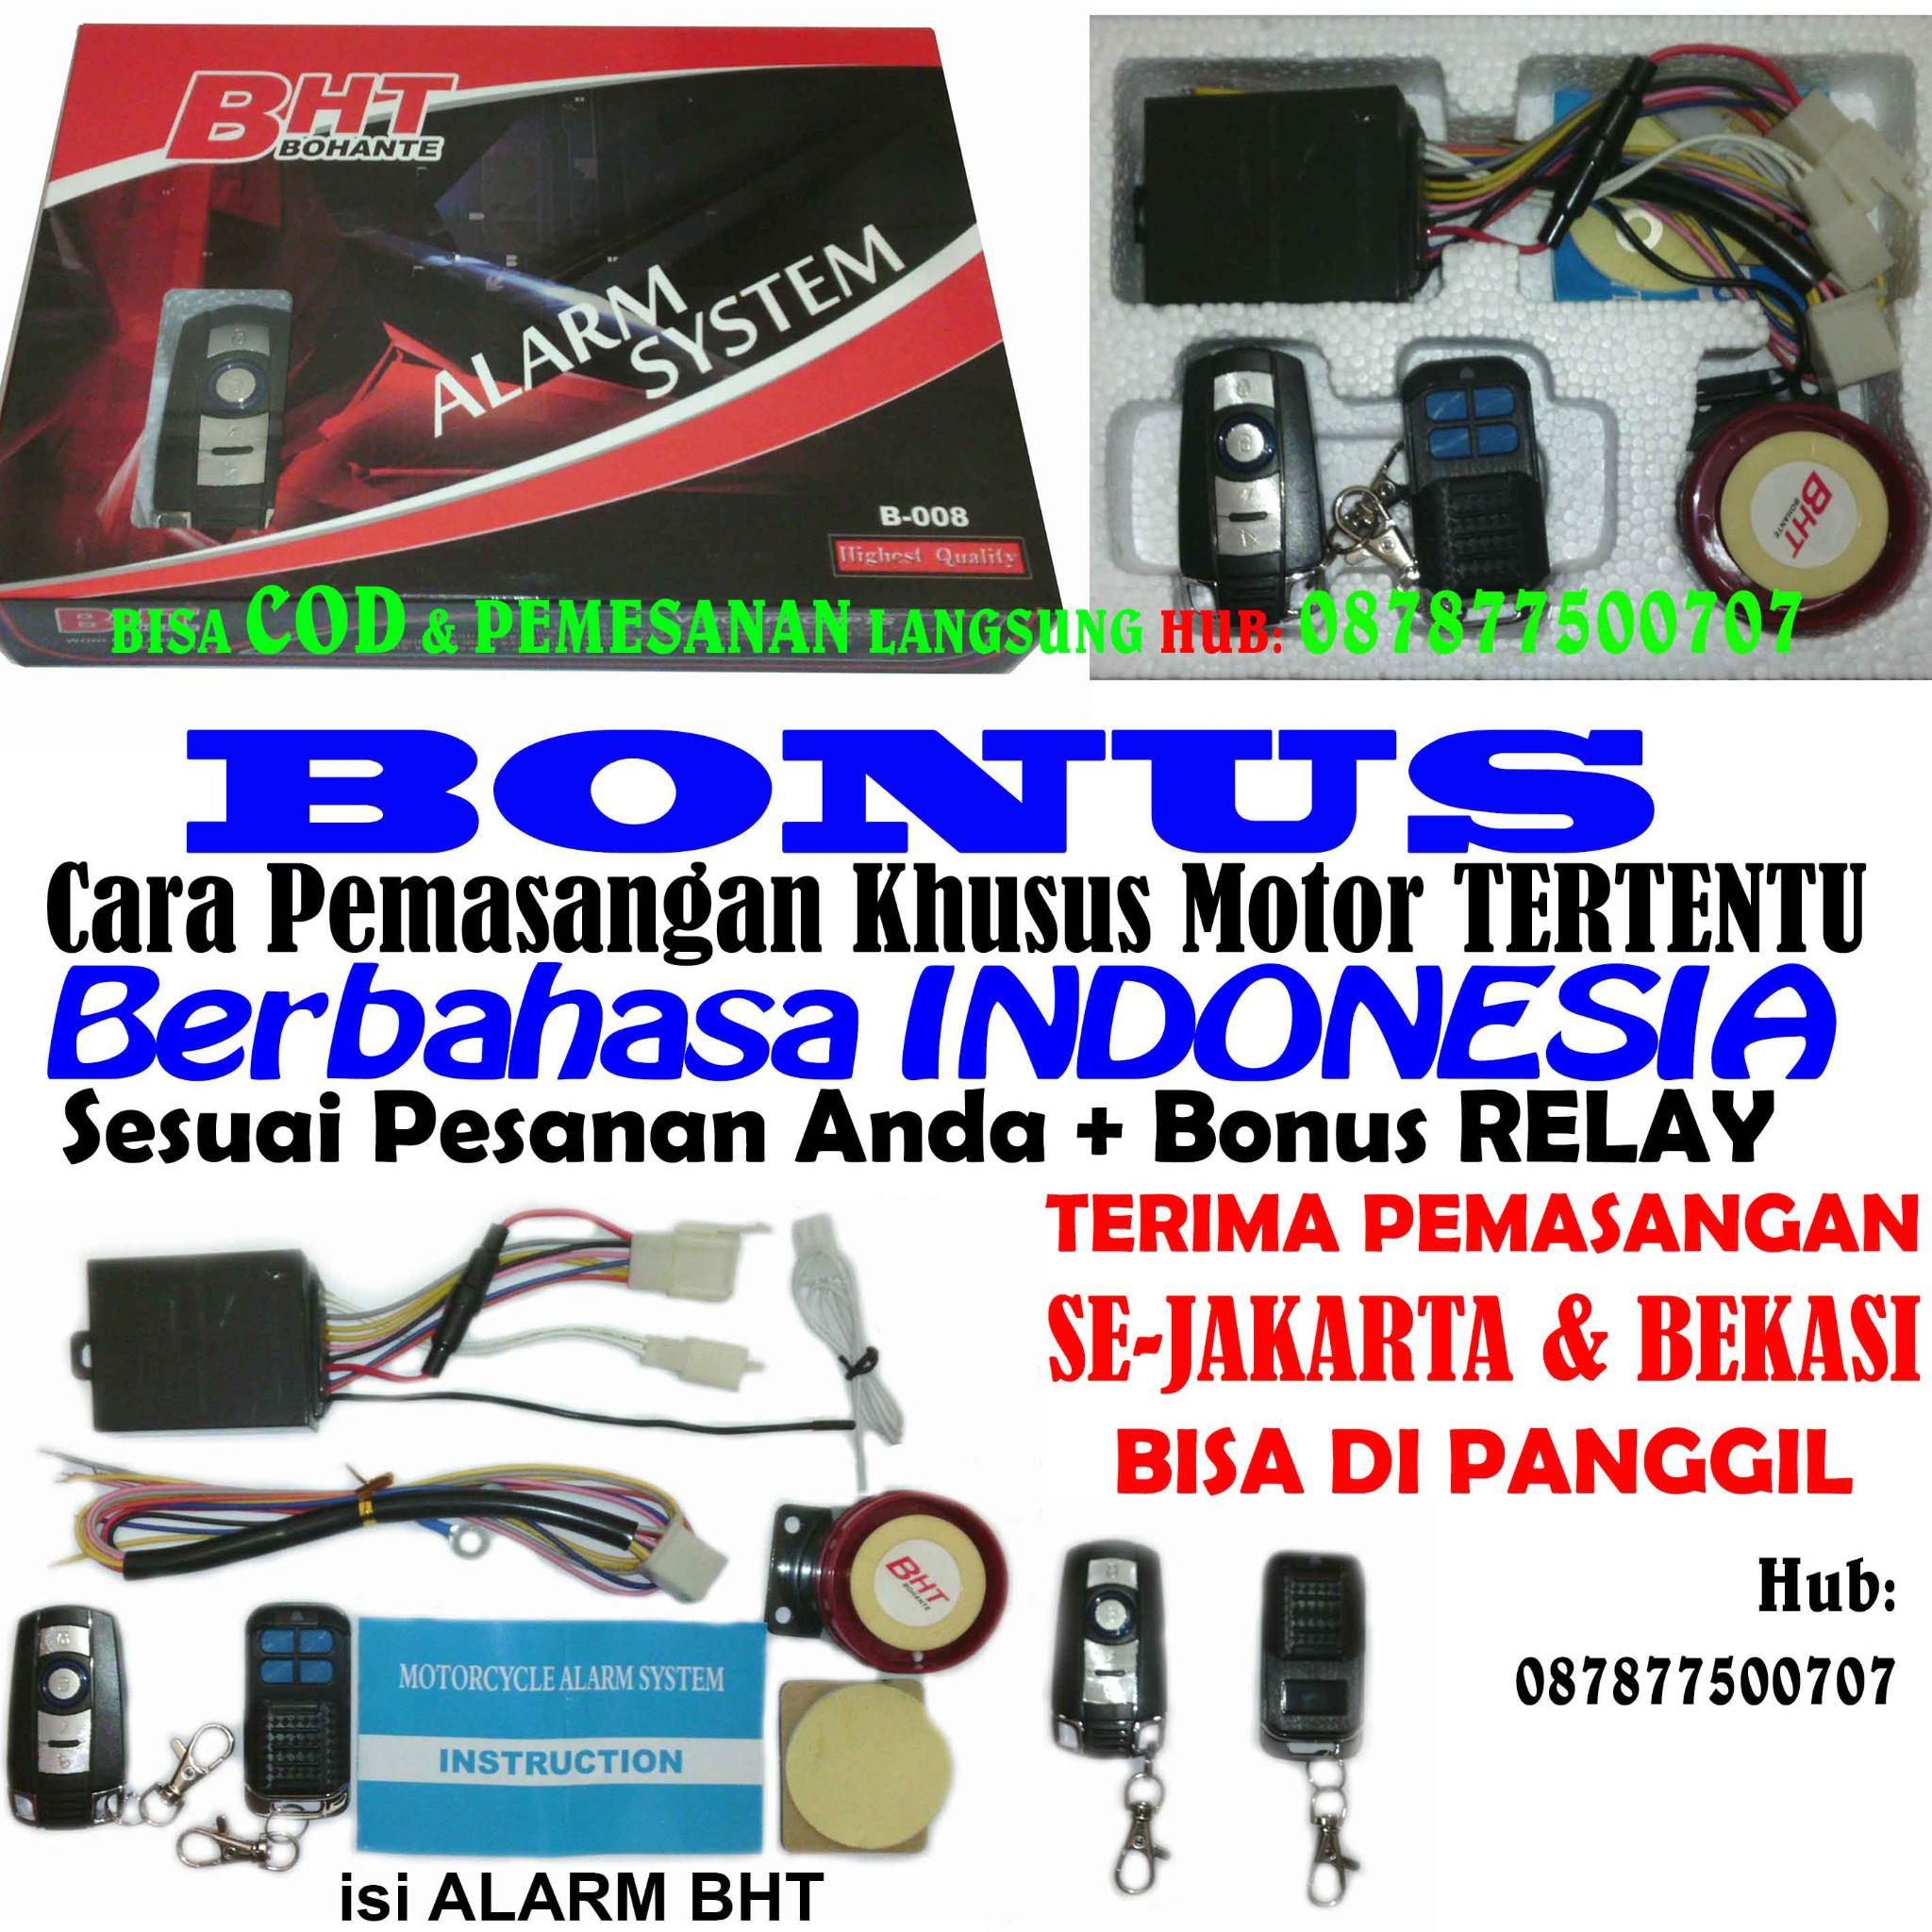 Bht Alarm Remote Motor Spec Dan Daftar Harga Remot Jual Double Merk Bonus Cara Pemasanggan Hogrider Tokopedia